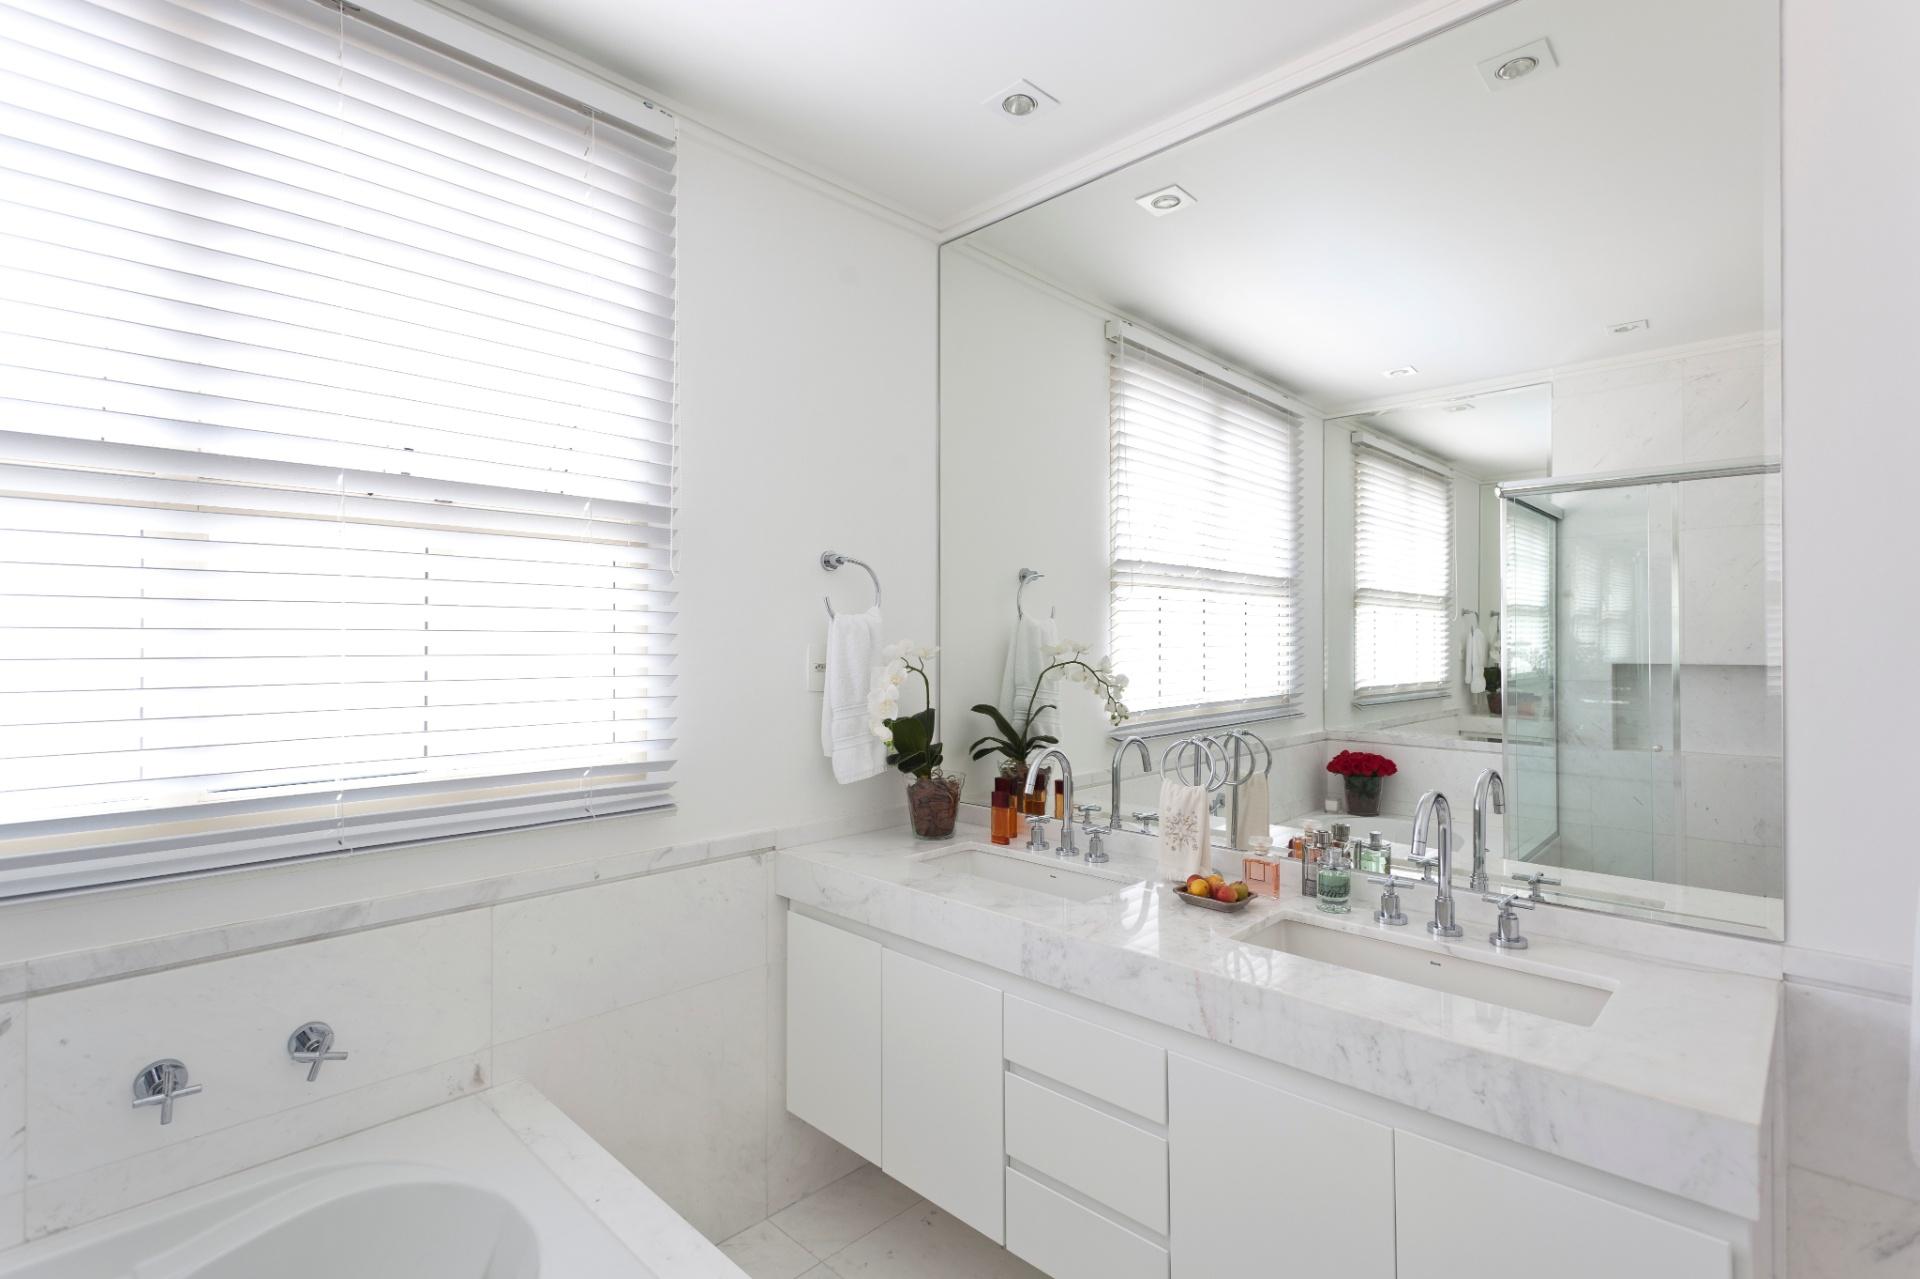 Casa Cor MG 2013: Cores claras detalhes artesanais e iluminação  #6E3328 1920x1279 Bancada Banheiro Duas Cubas